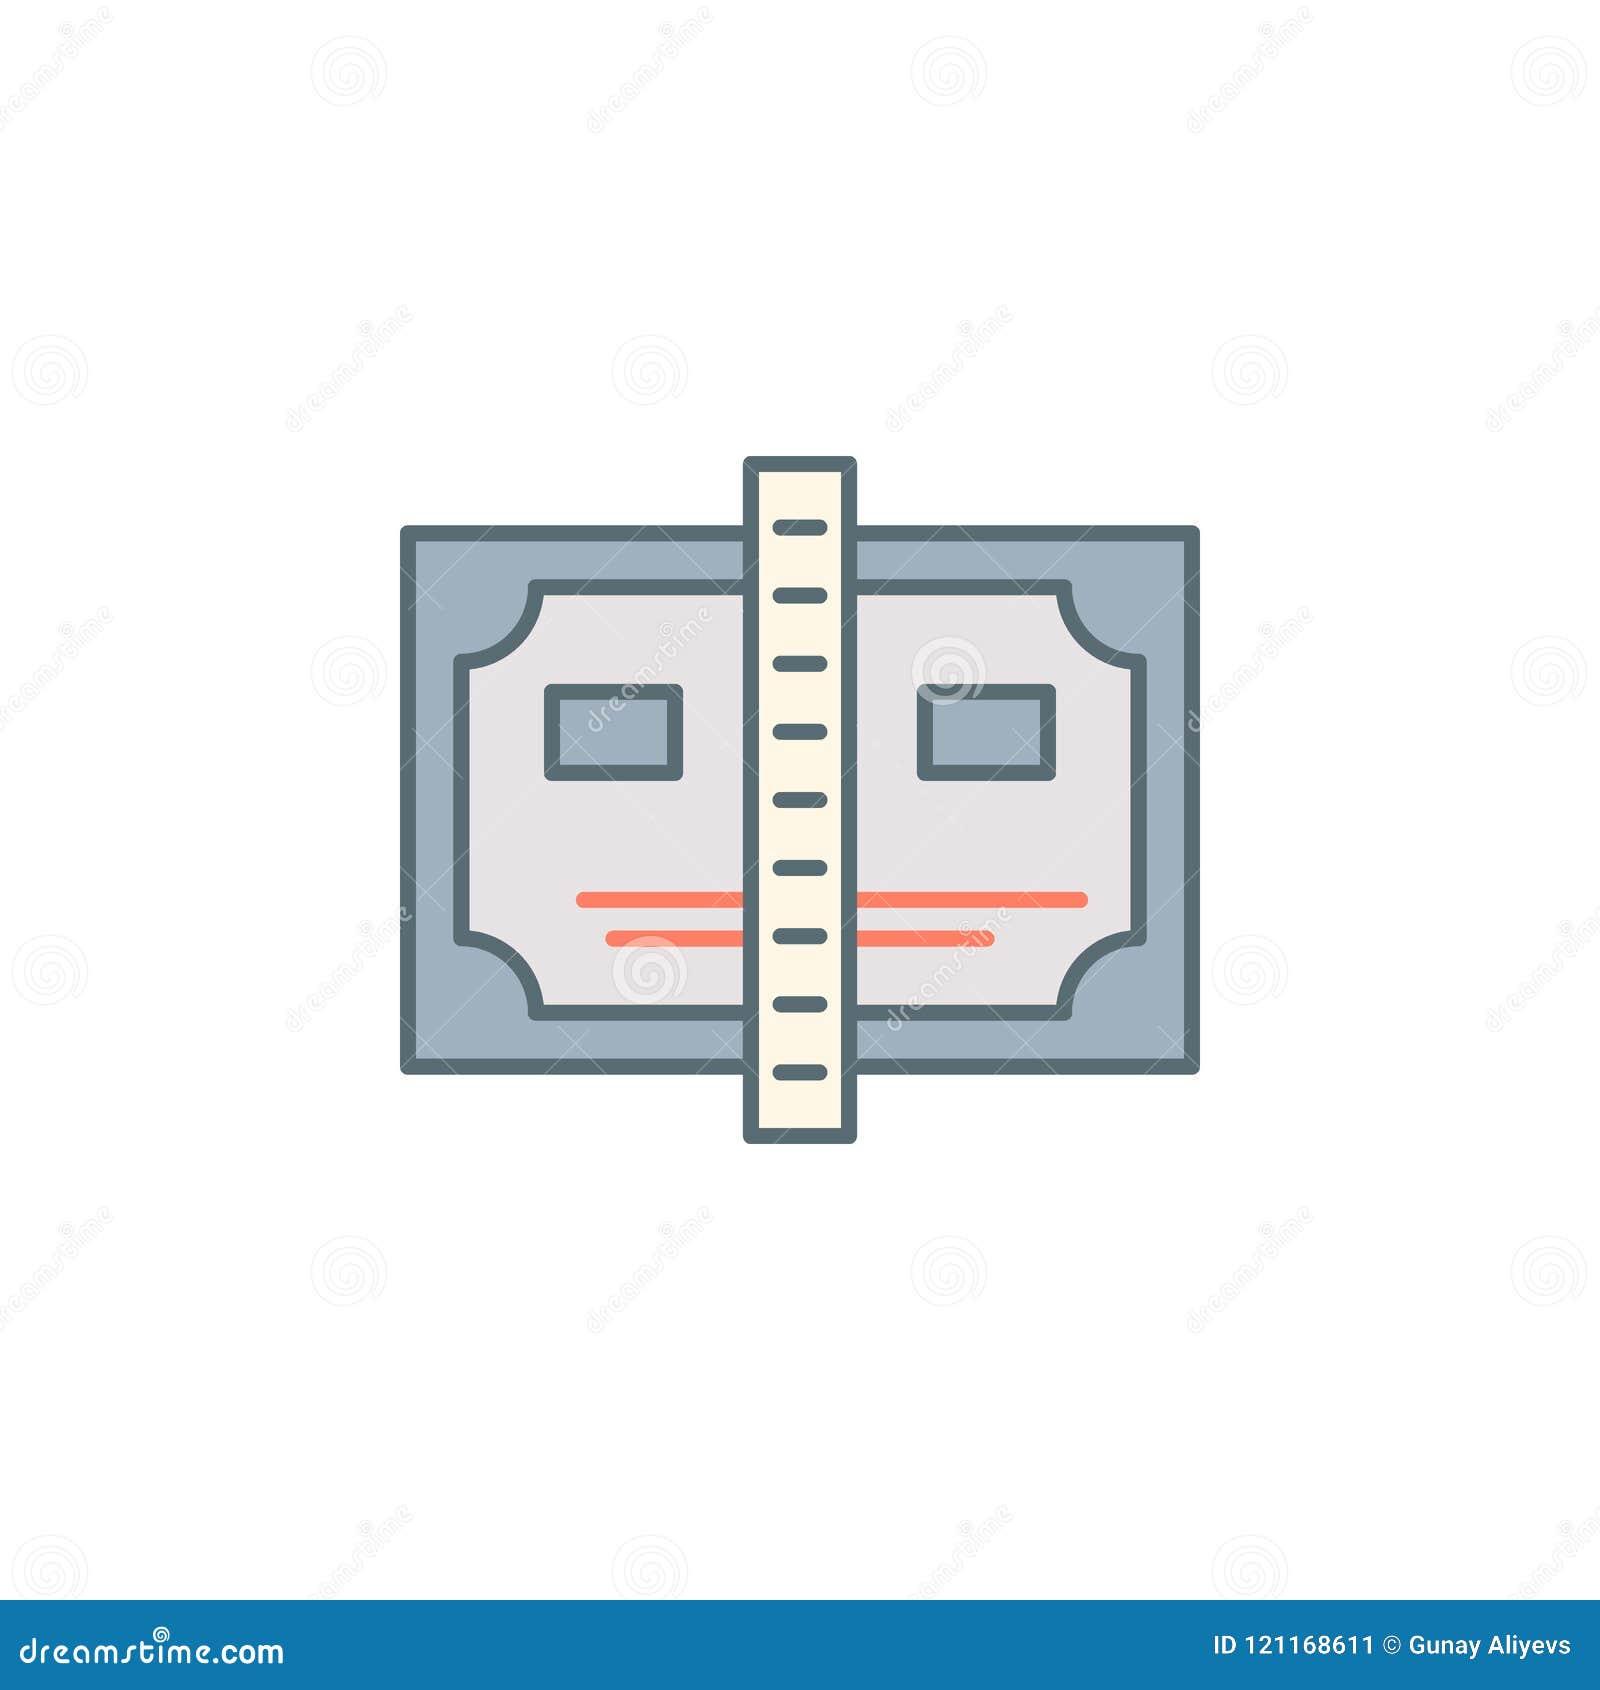 Promisoryjnej notatki półmroku stylu linii ikona Element bankowości ikona dla mobilnych pojęcia i sieci apps Półmrok promisoryjne